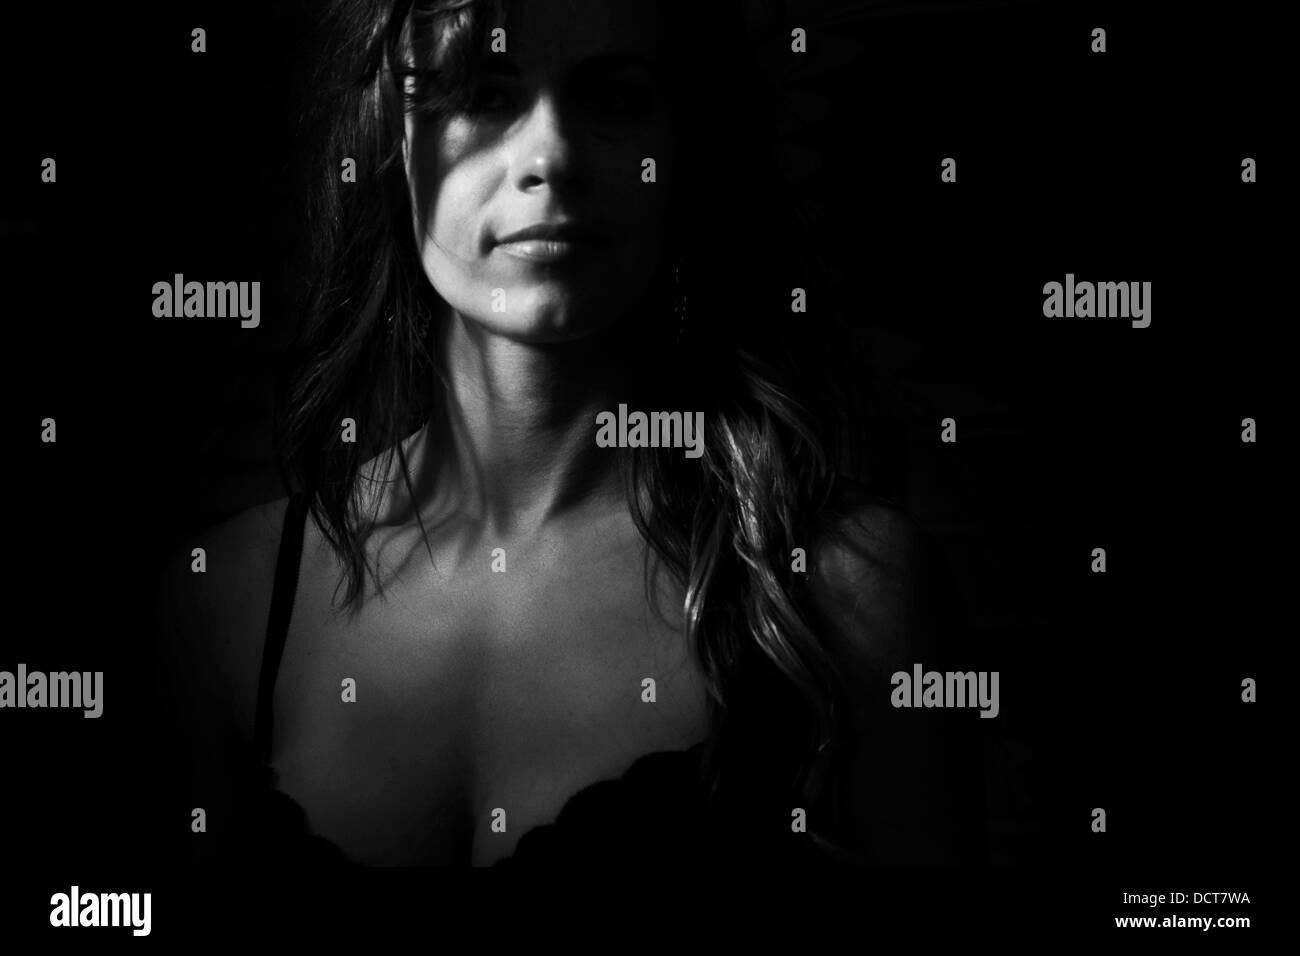 Blanco y negro misterioso retrato de mujer en bra Imagen De Stock